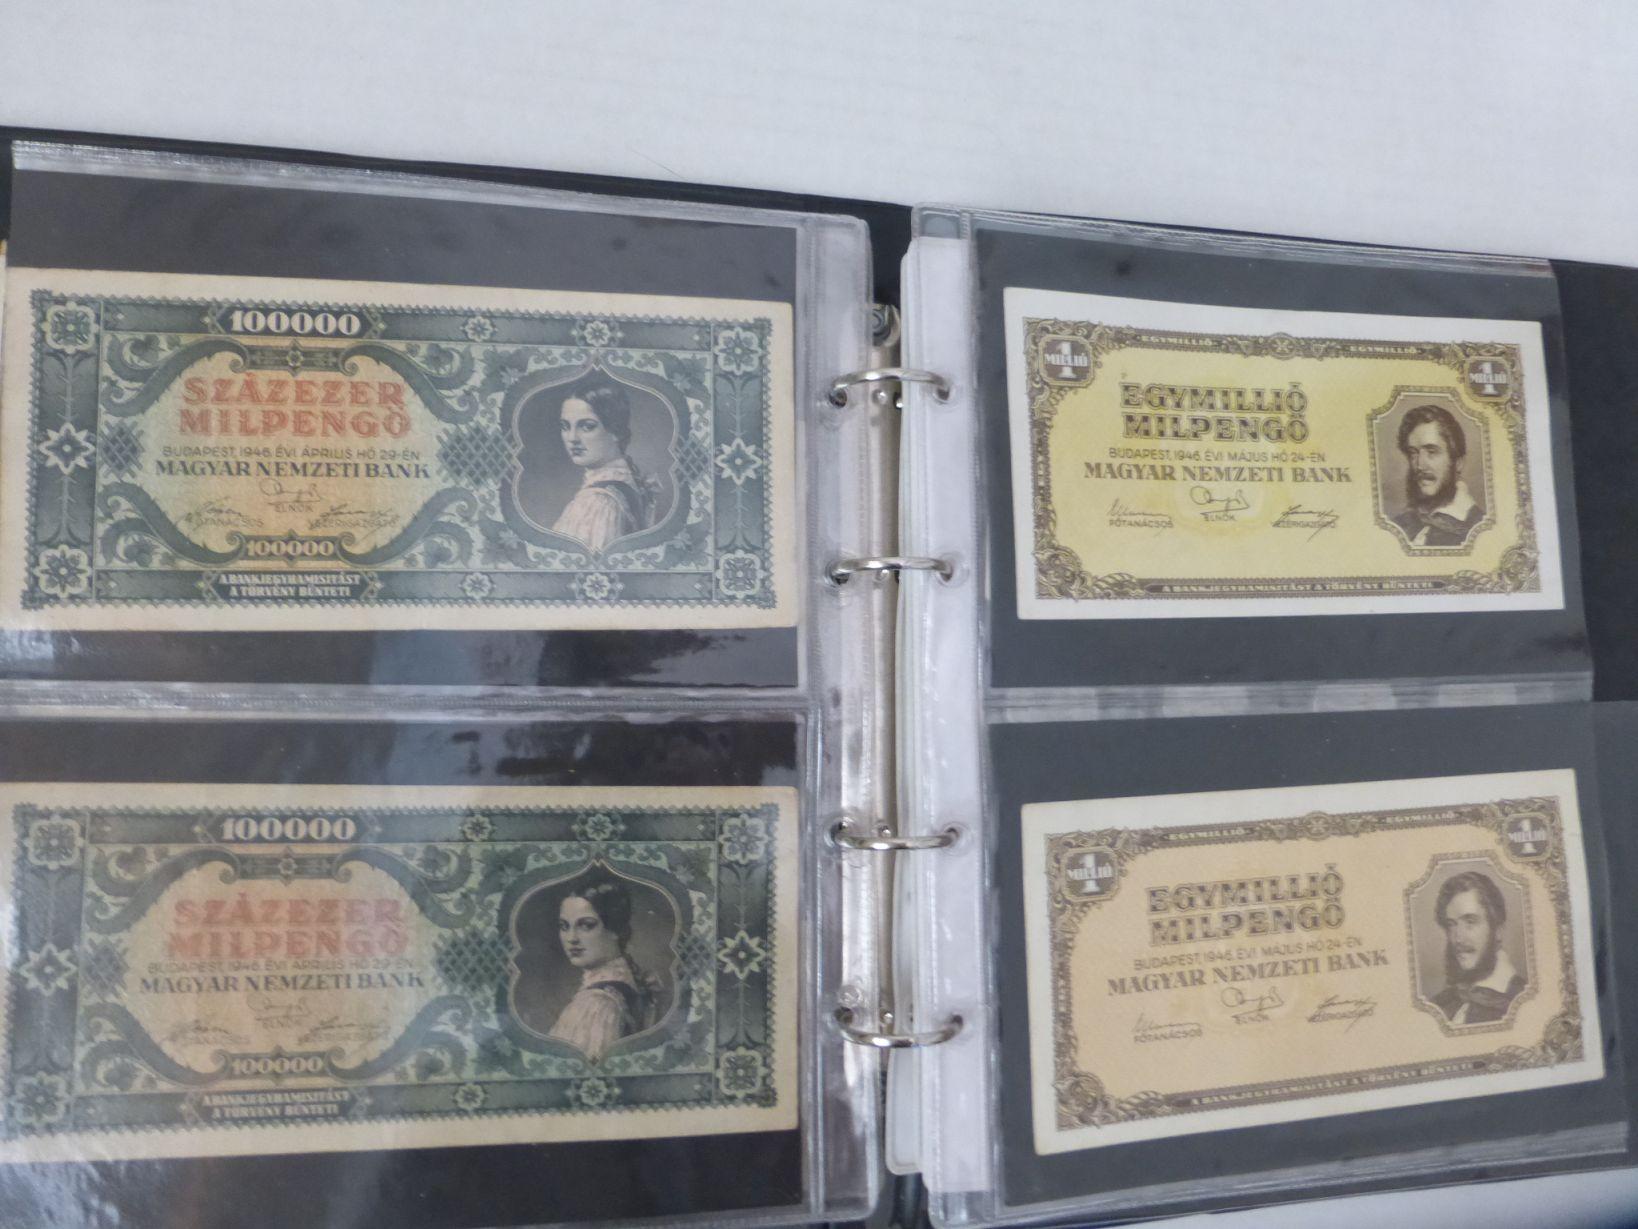 אלבום עם אוסף חובבני: שטרות דולר, שטרות הונגריה ואחרים, מטבעות רומניה, כל העולם והאימפריה העותמאנית